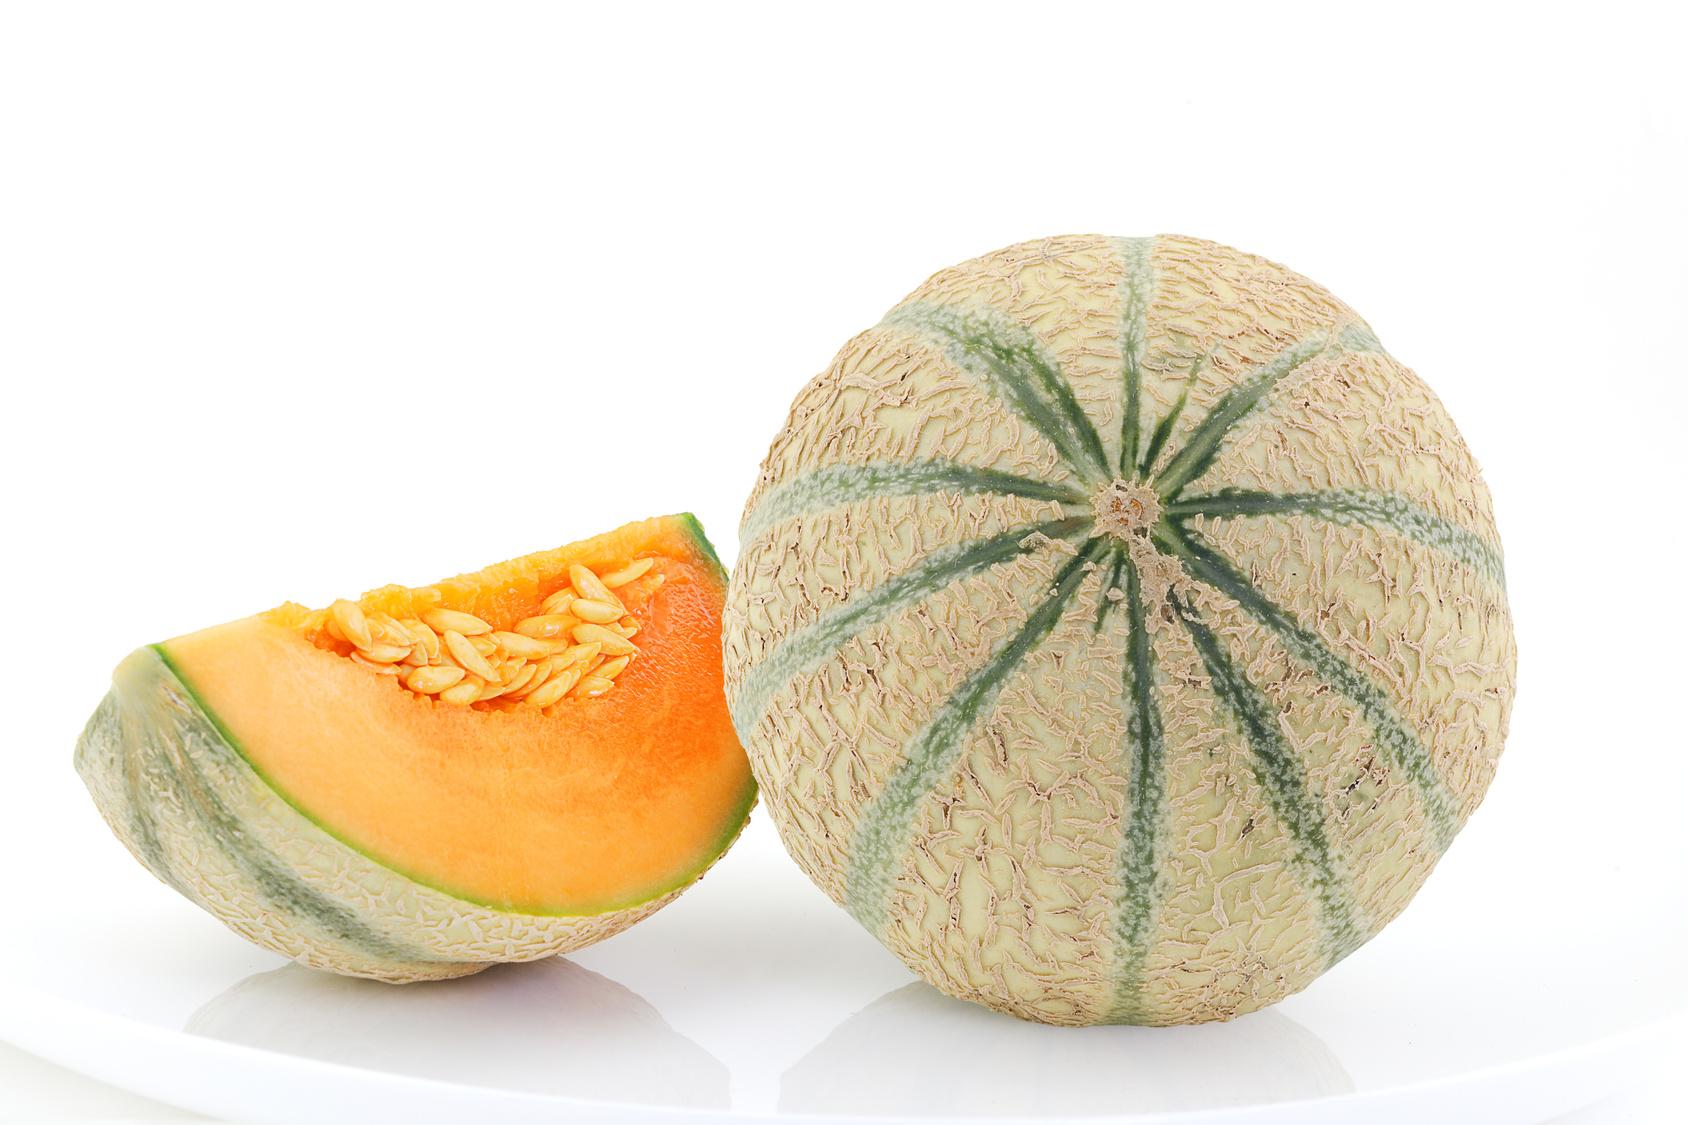 Melon charentais philibon miamtag livraison de produits frais sur paris et petite couronne - Culture du melon charentais ...